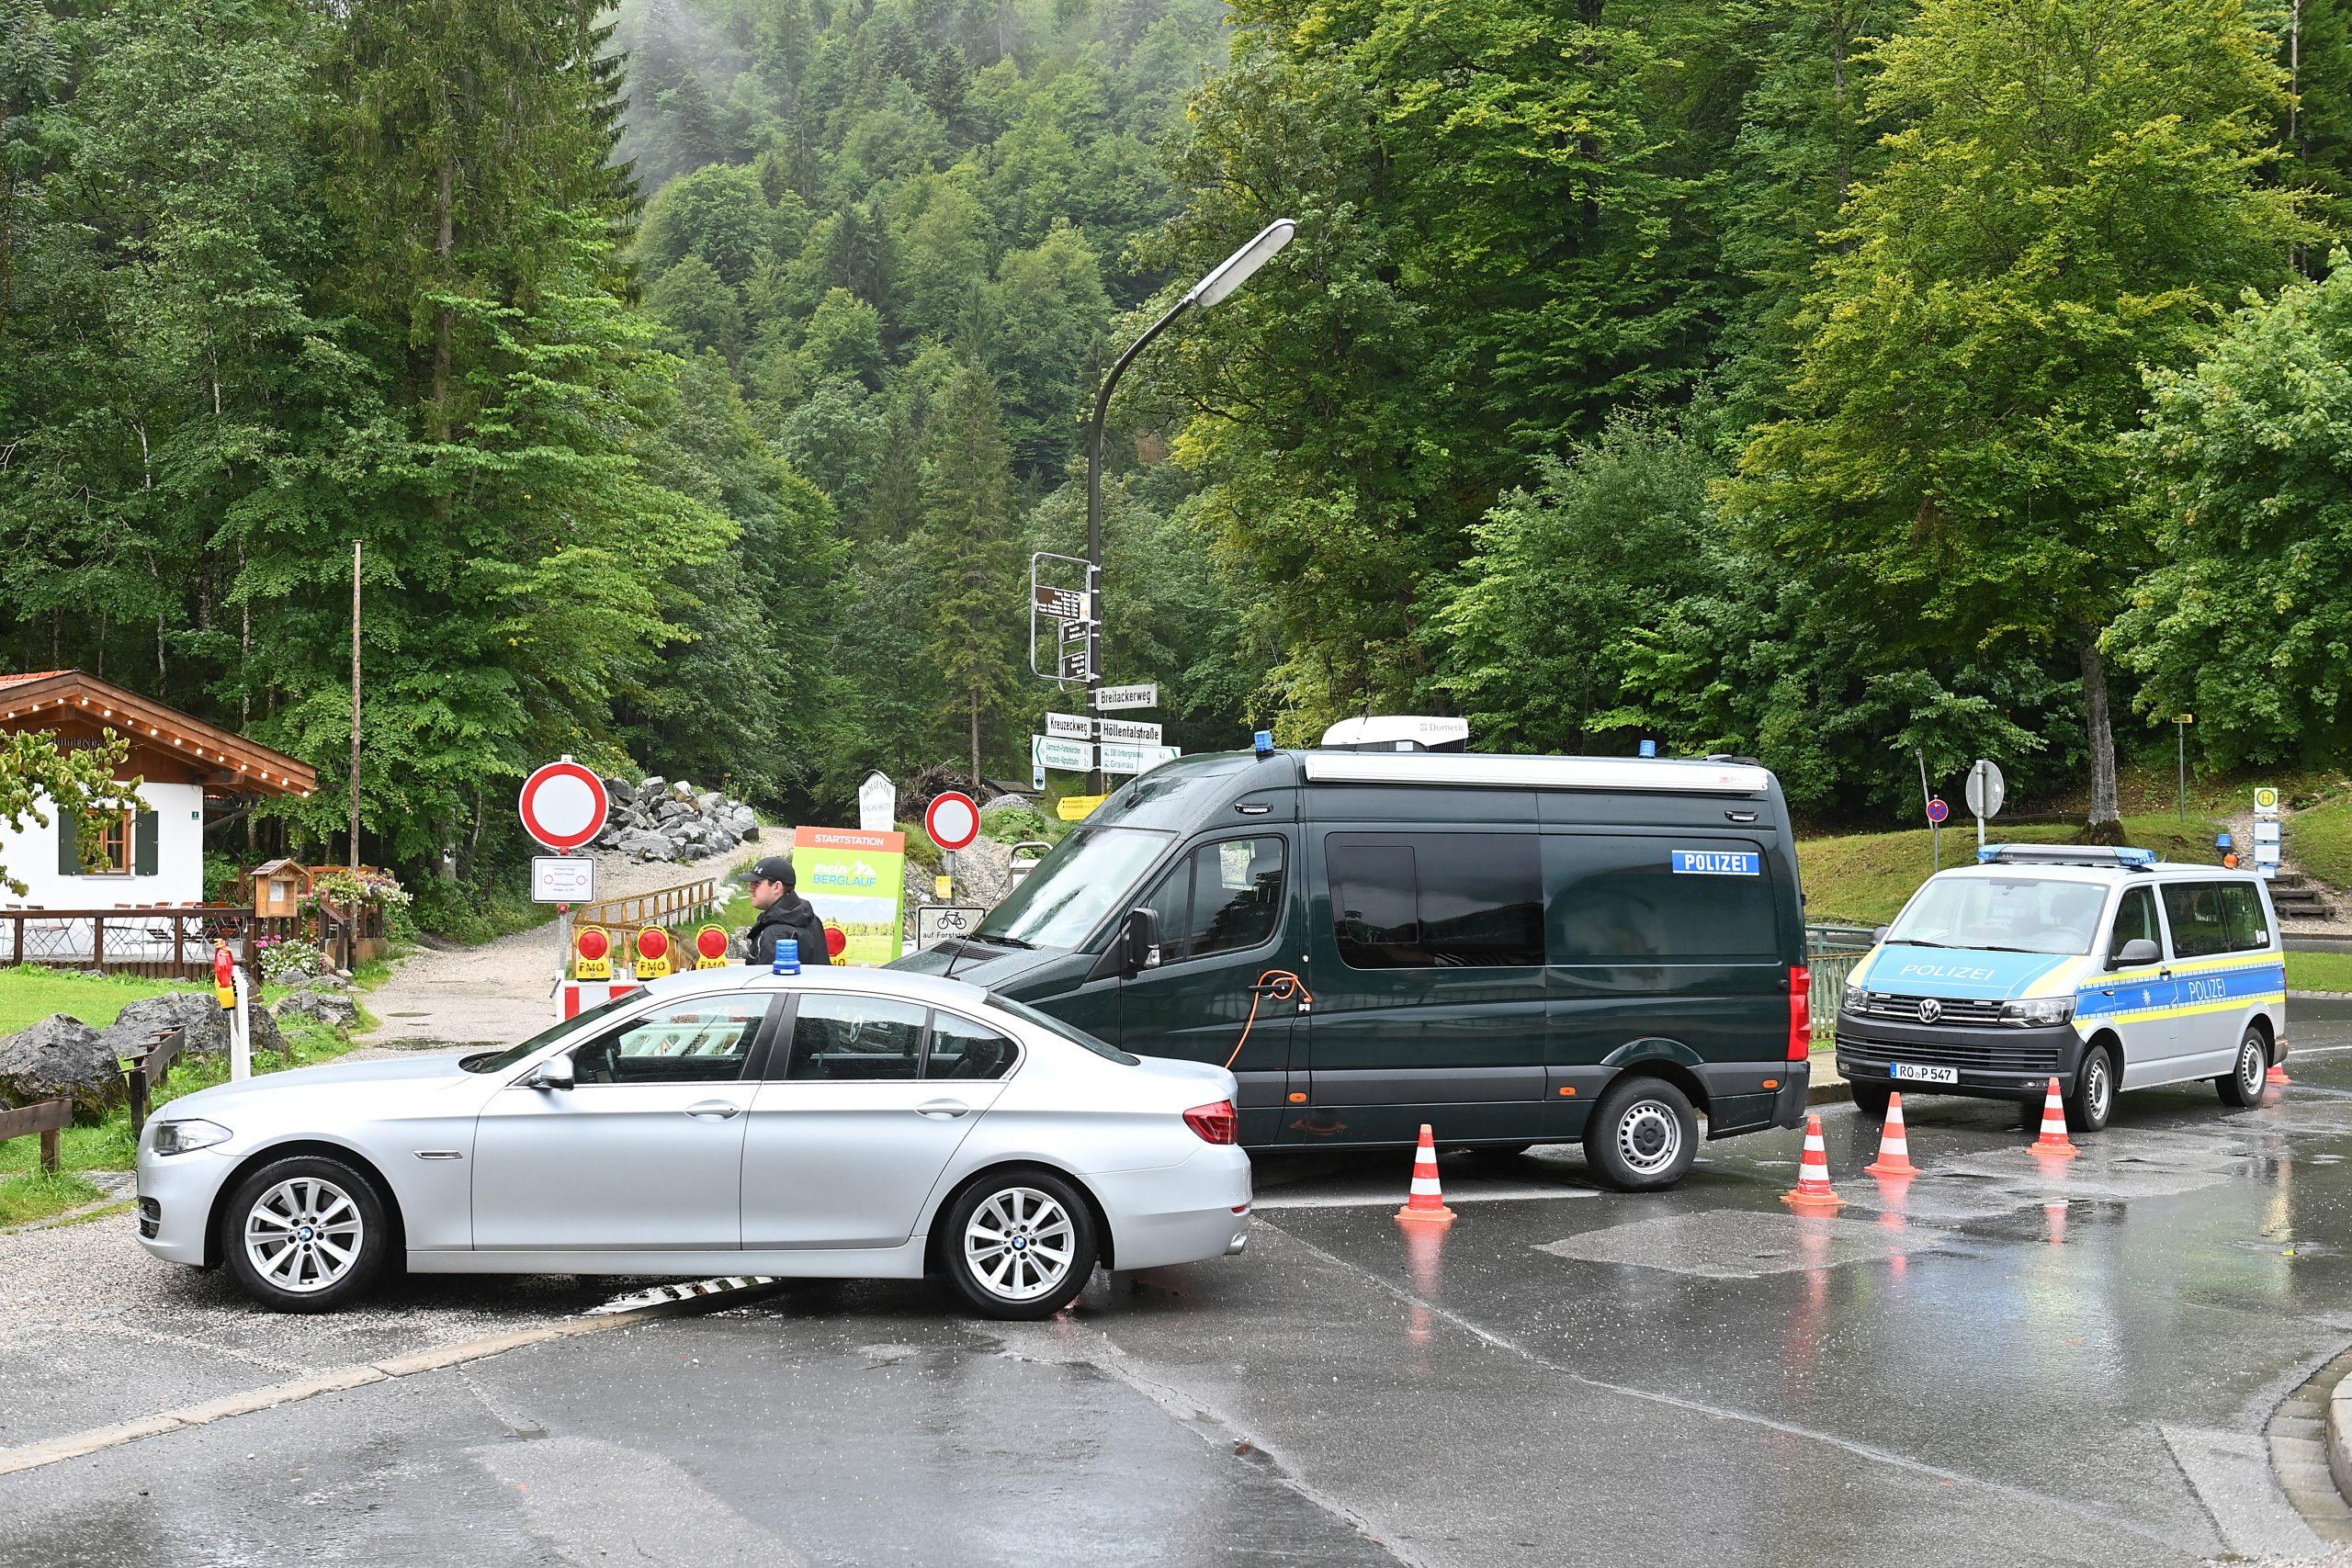 Einsatzfahrzeuge der Polizei stehen am Eingang zur Höllentalklamm.